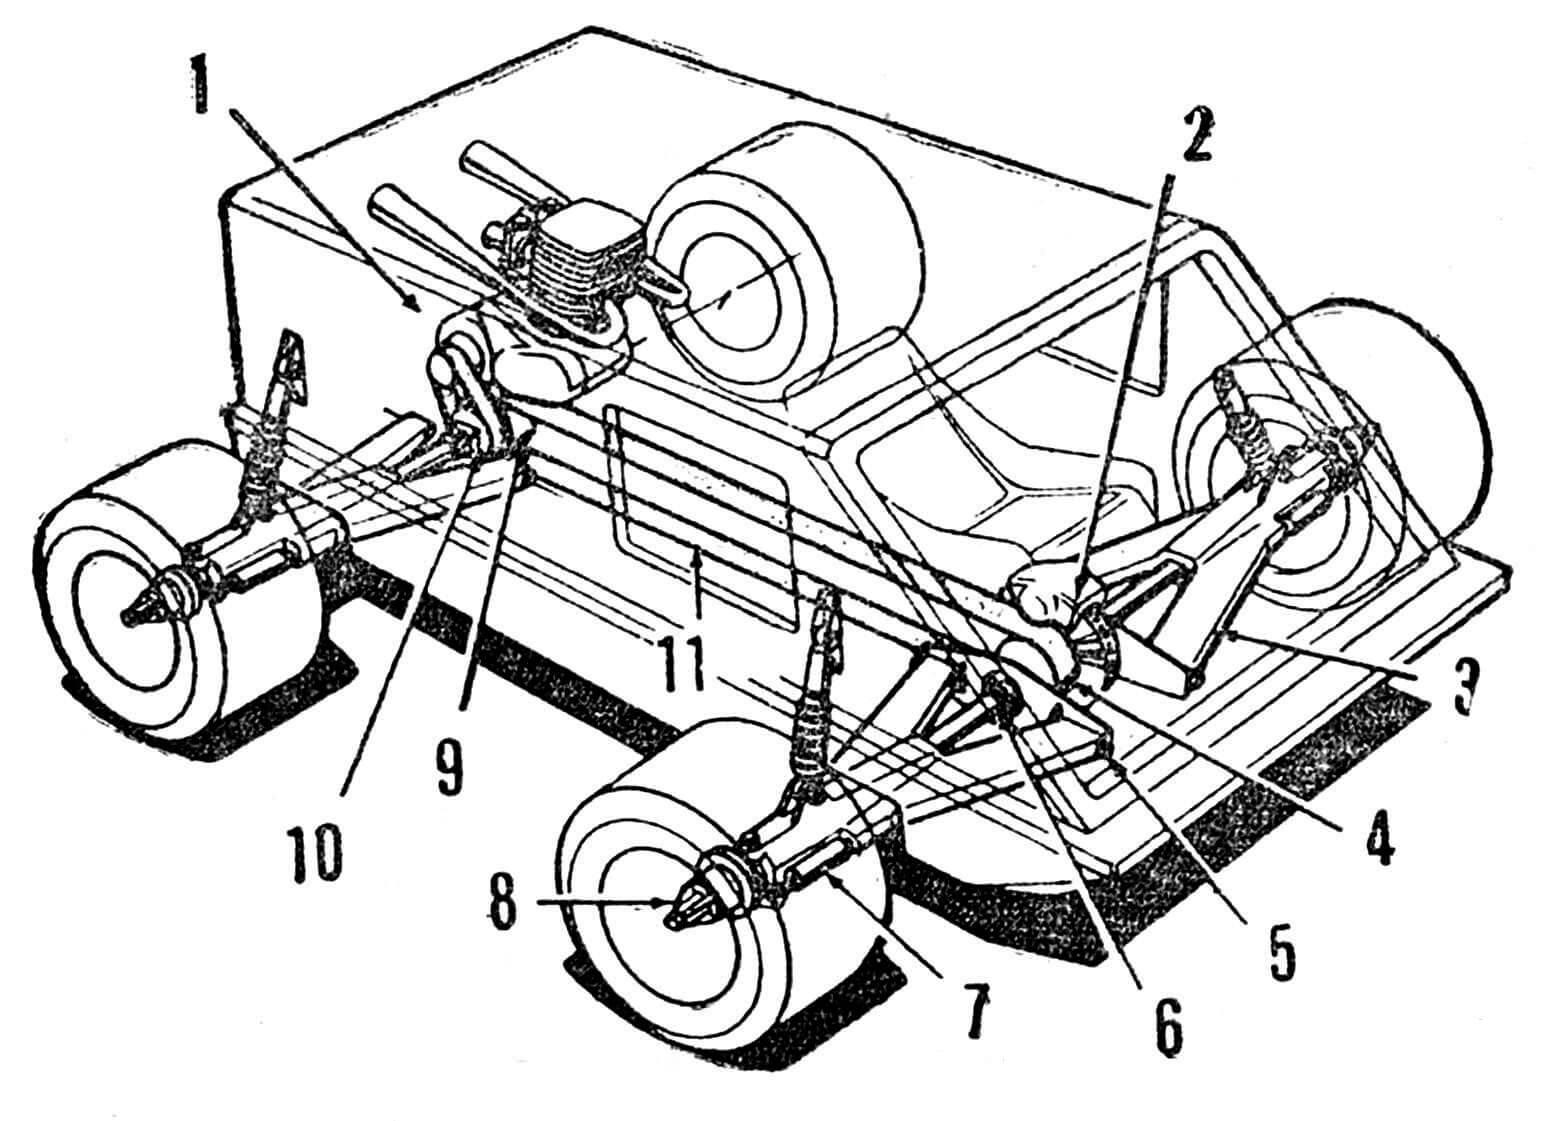 СХЕМА САМОДЕЛЬНОГО УНИВЕРСАЛА: 1 — отсек для двигателя и коробки передач; 2 — дисковые тормоза автомобиля; 3 — А-образная рама; 4 — передний дифференциал; 5 — монтажные крепления А-образной рамы; 6— U-образный шарнир; 7 — гидроцилиндр привода рулевого управления; 8 — ступица колеса; 9 — задний дифференциал; 10 — шкив ременной передачи; 11 — ременная передача к передней оси автомобиля.